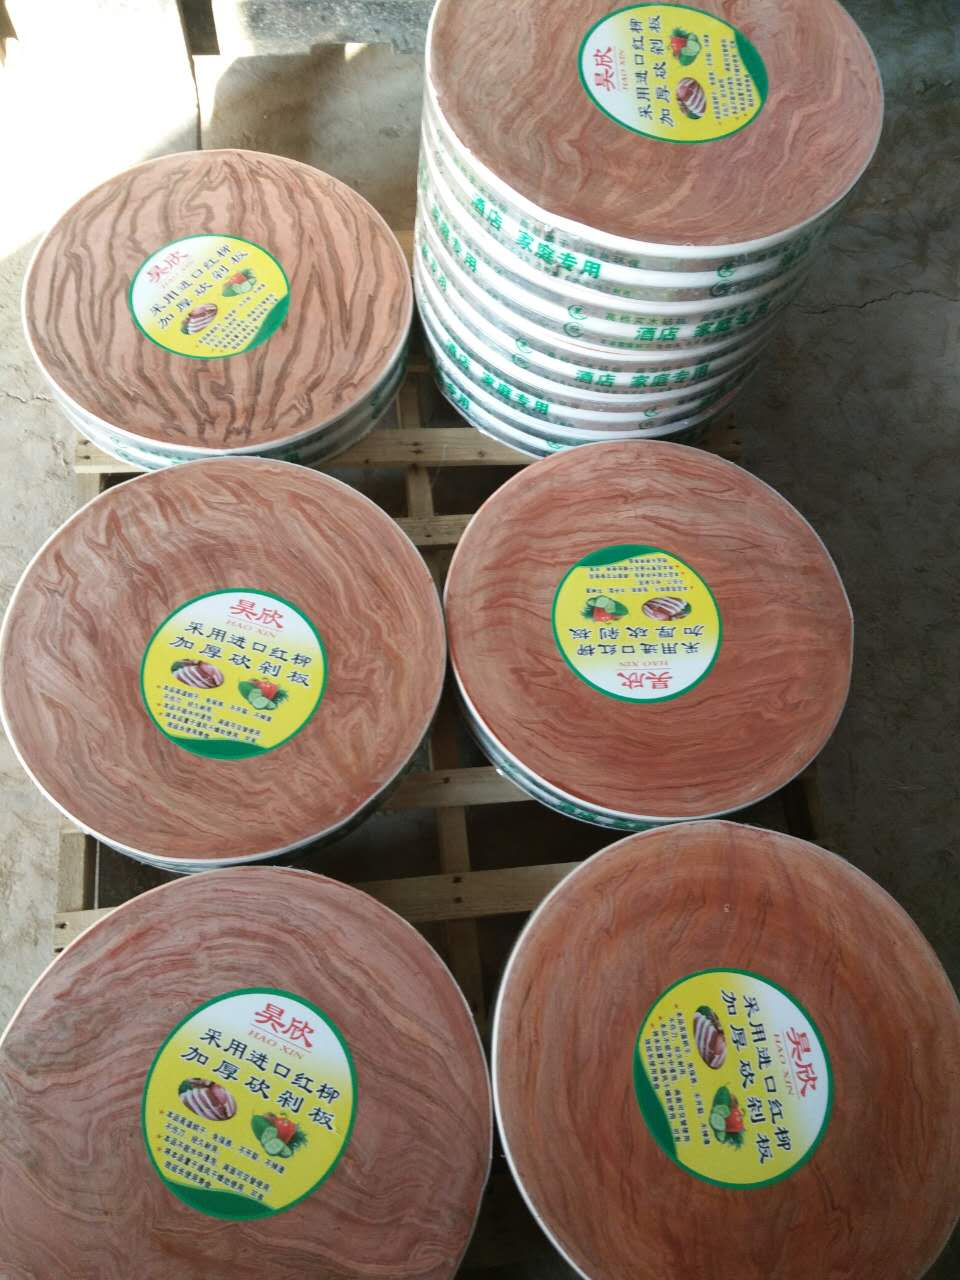 黑龙江红柳木菜板厂家批发 黑龙江机制菜板批发价格 黑龙江菜板砧板批发